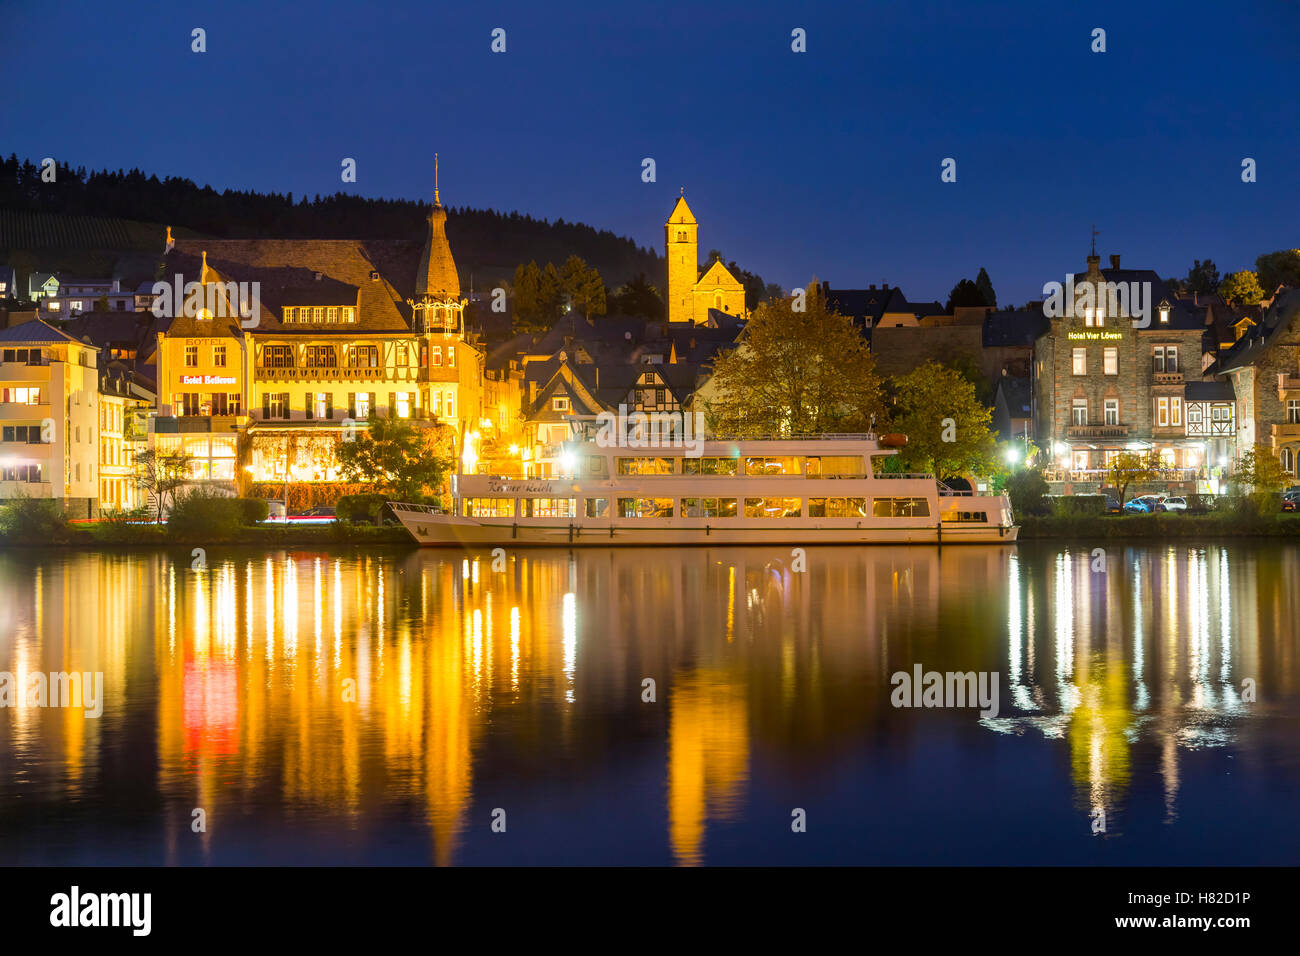 Moseltal, Stadt Traben-Trarbach, Deutschland, Mosel, Altstadt, Skyline, beleuchtet in der Nacht, Stockbild